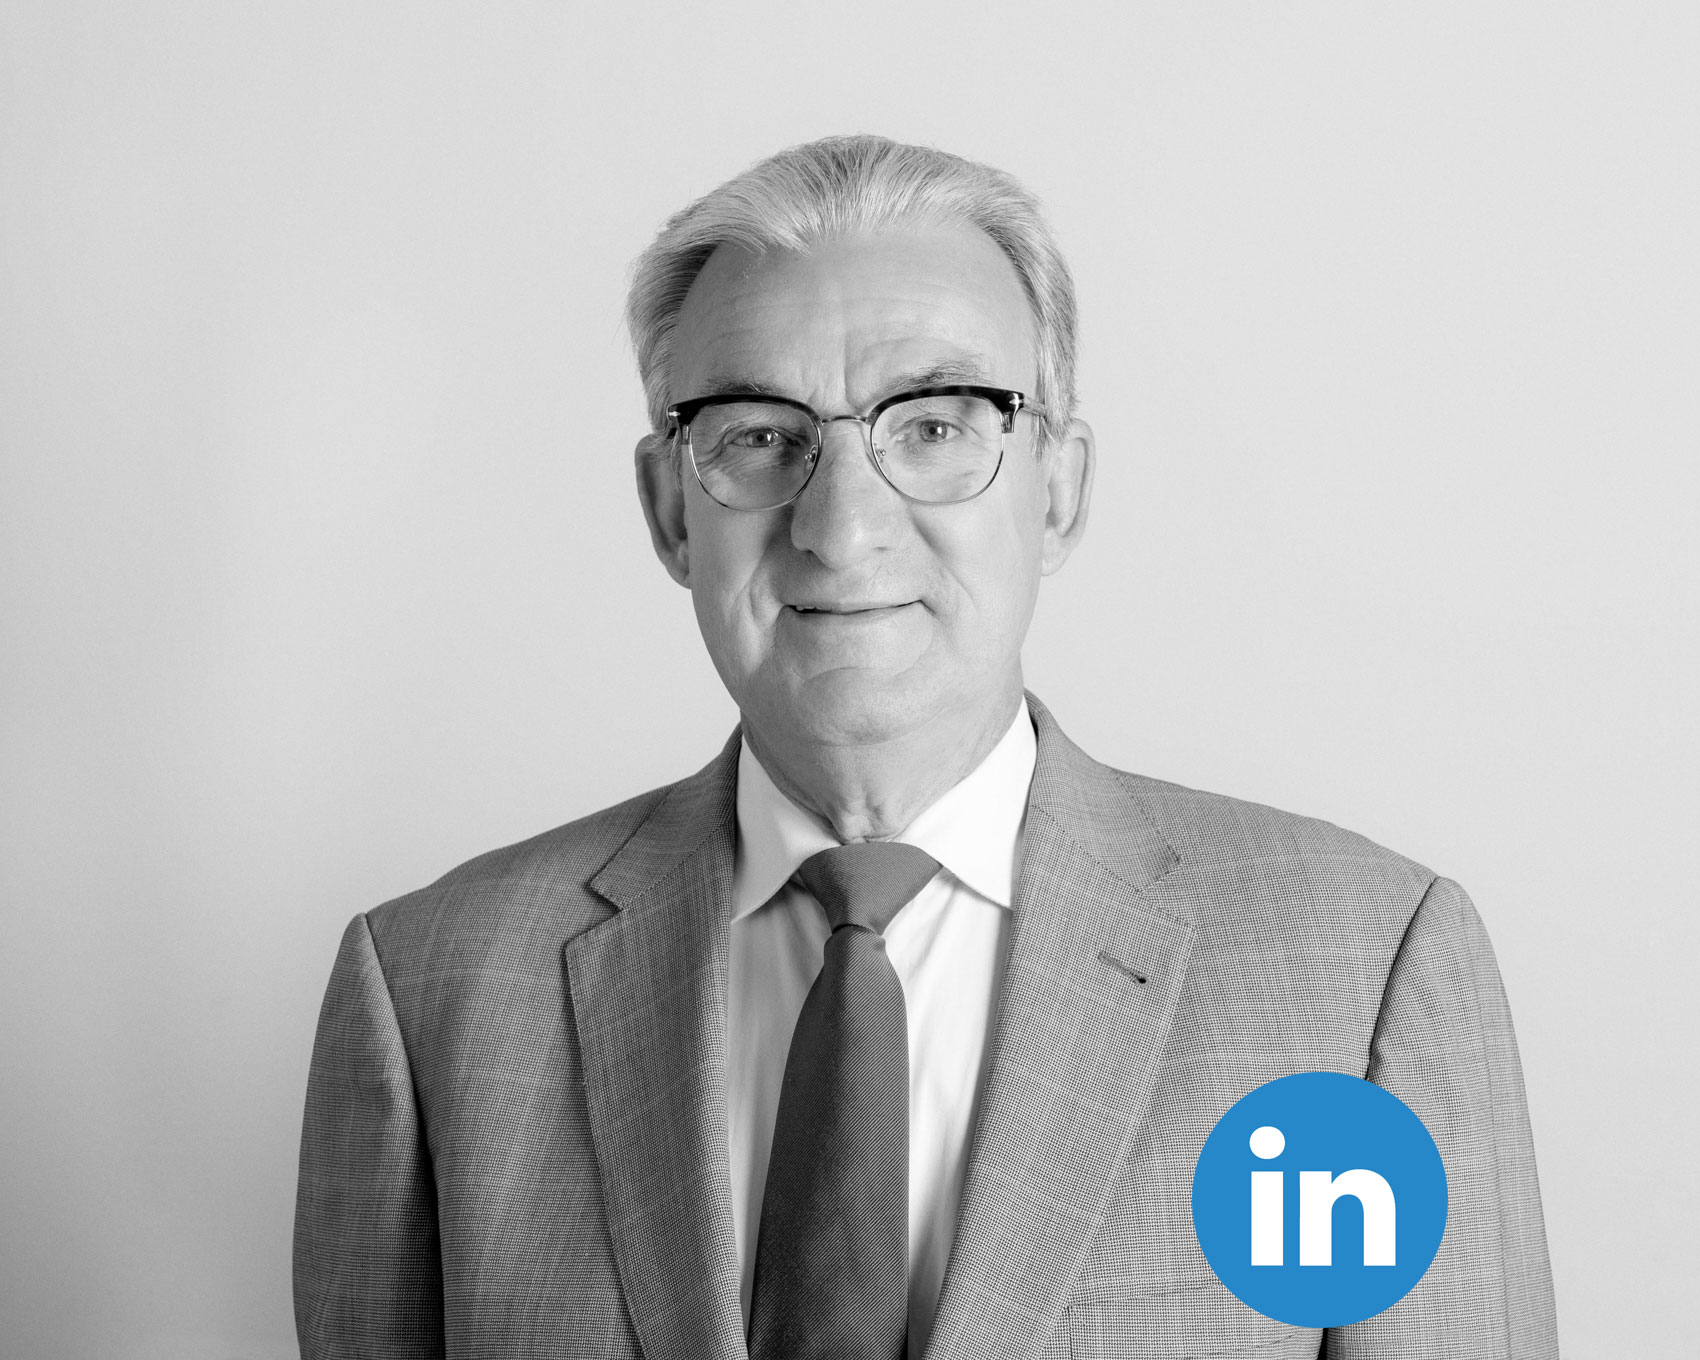 Miguel Carro Lobato